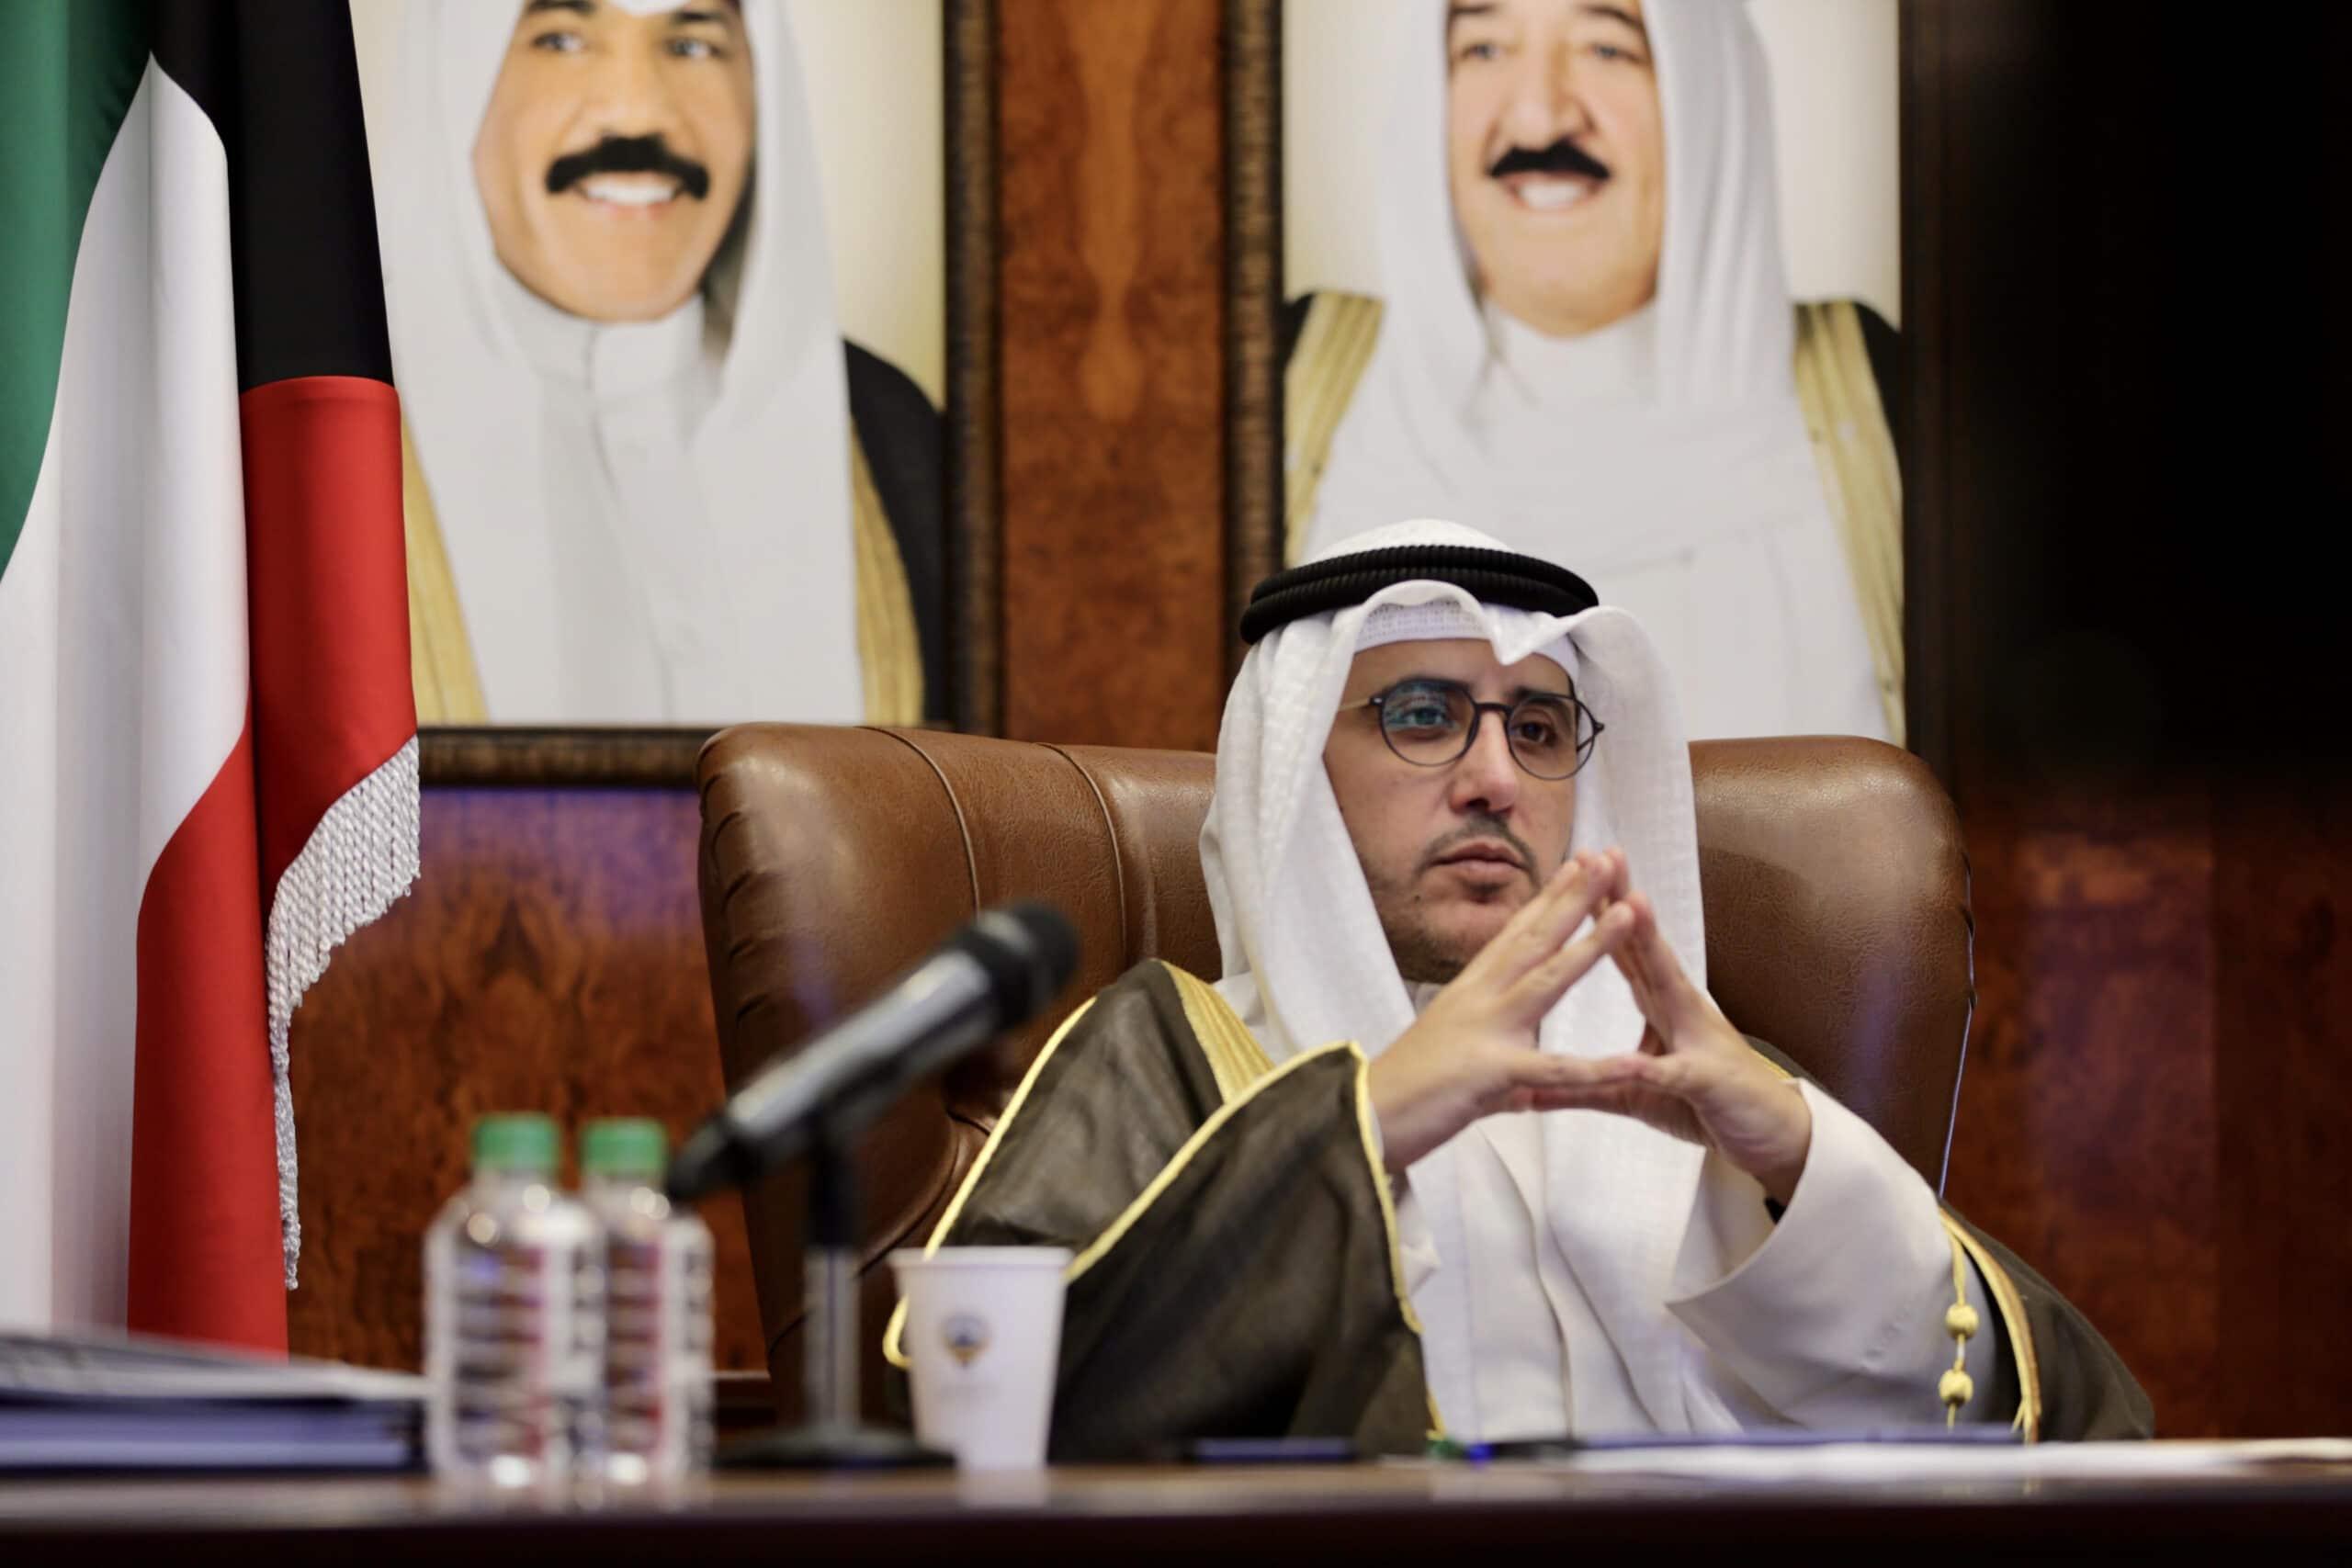 """لا یوجد أي بند سري.. الكويت تكشف تفاصيل الاتفاق مع السعودية بشأن المنطقة المقسومة و""""كنز النفط"""" المدفون"""